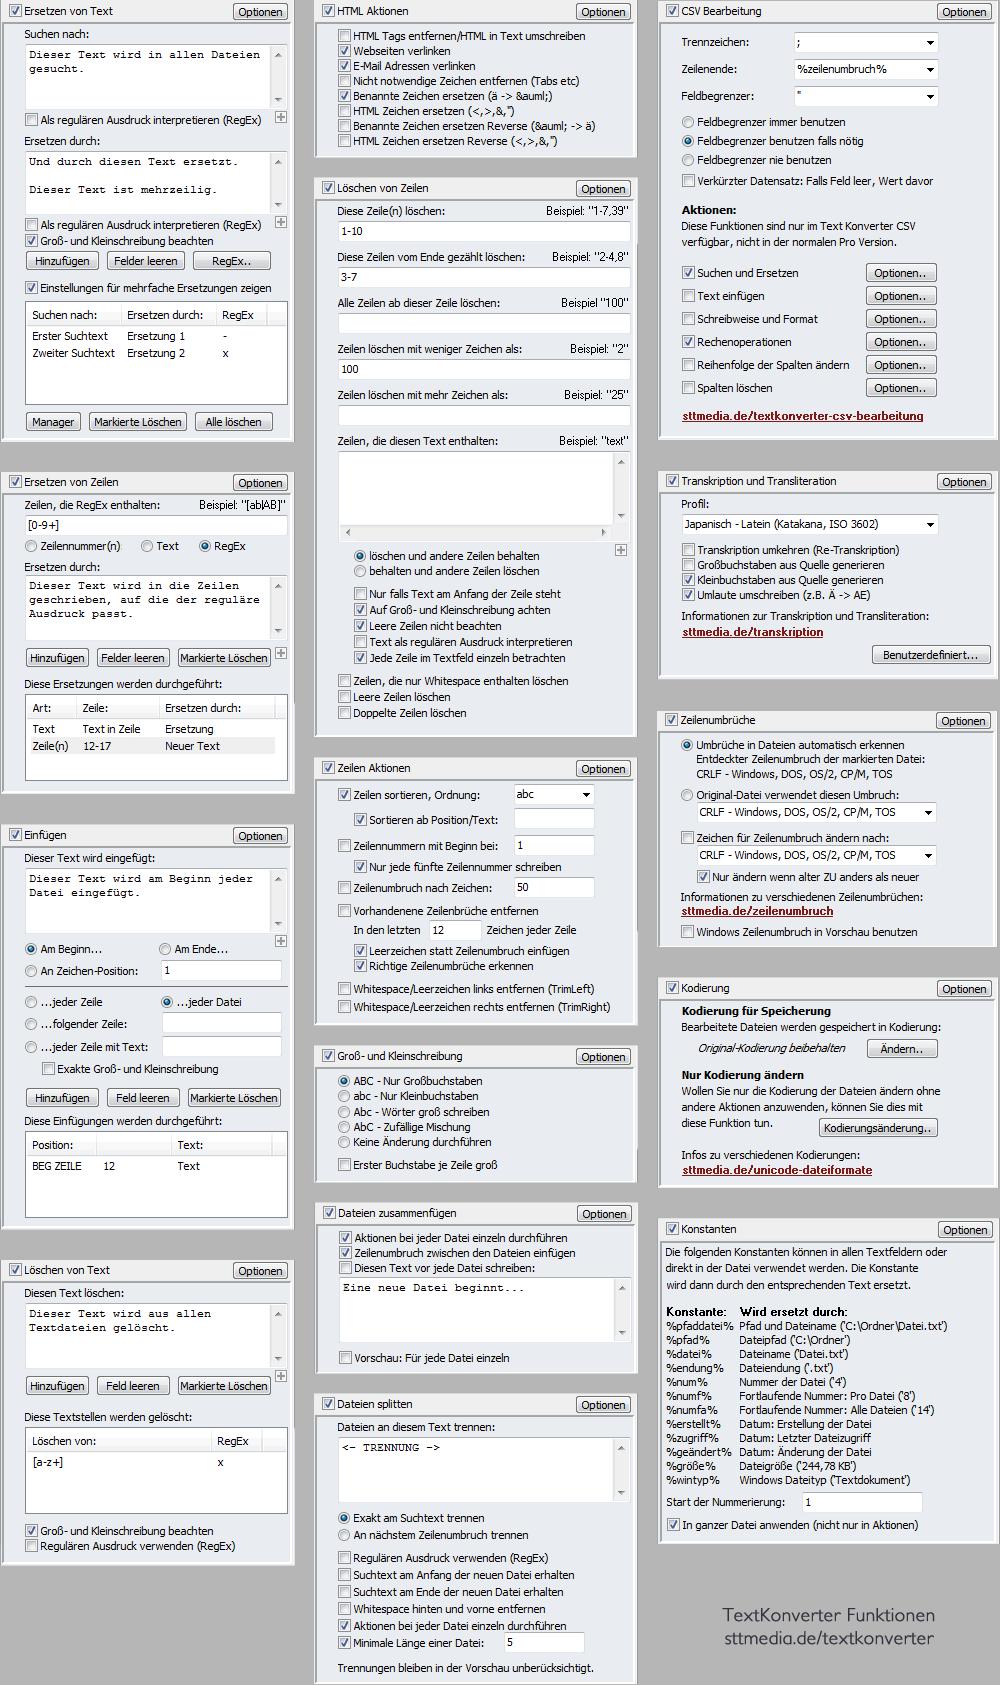 TextKonverter - Die Aktionen - Screenshot